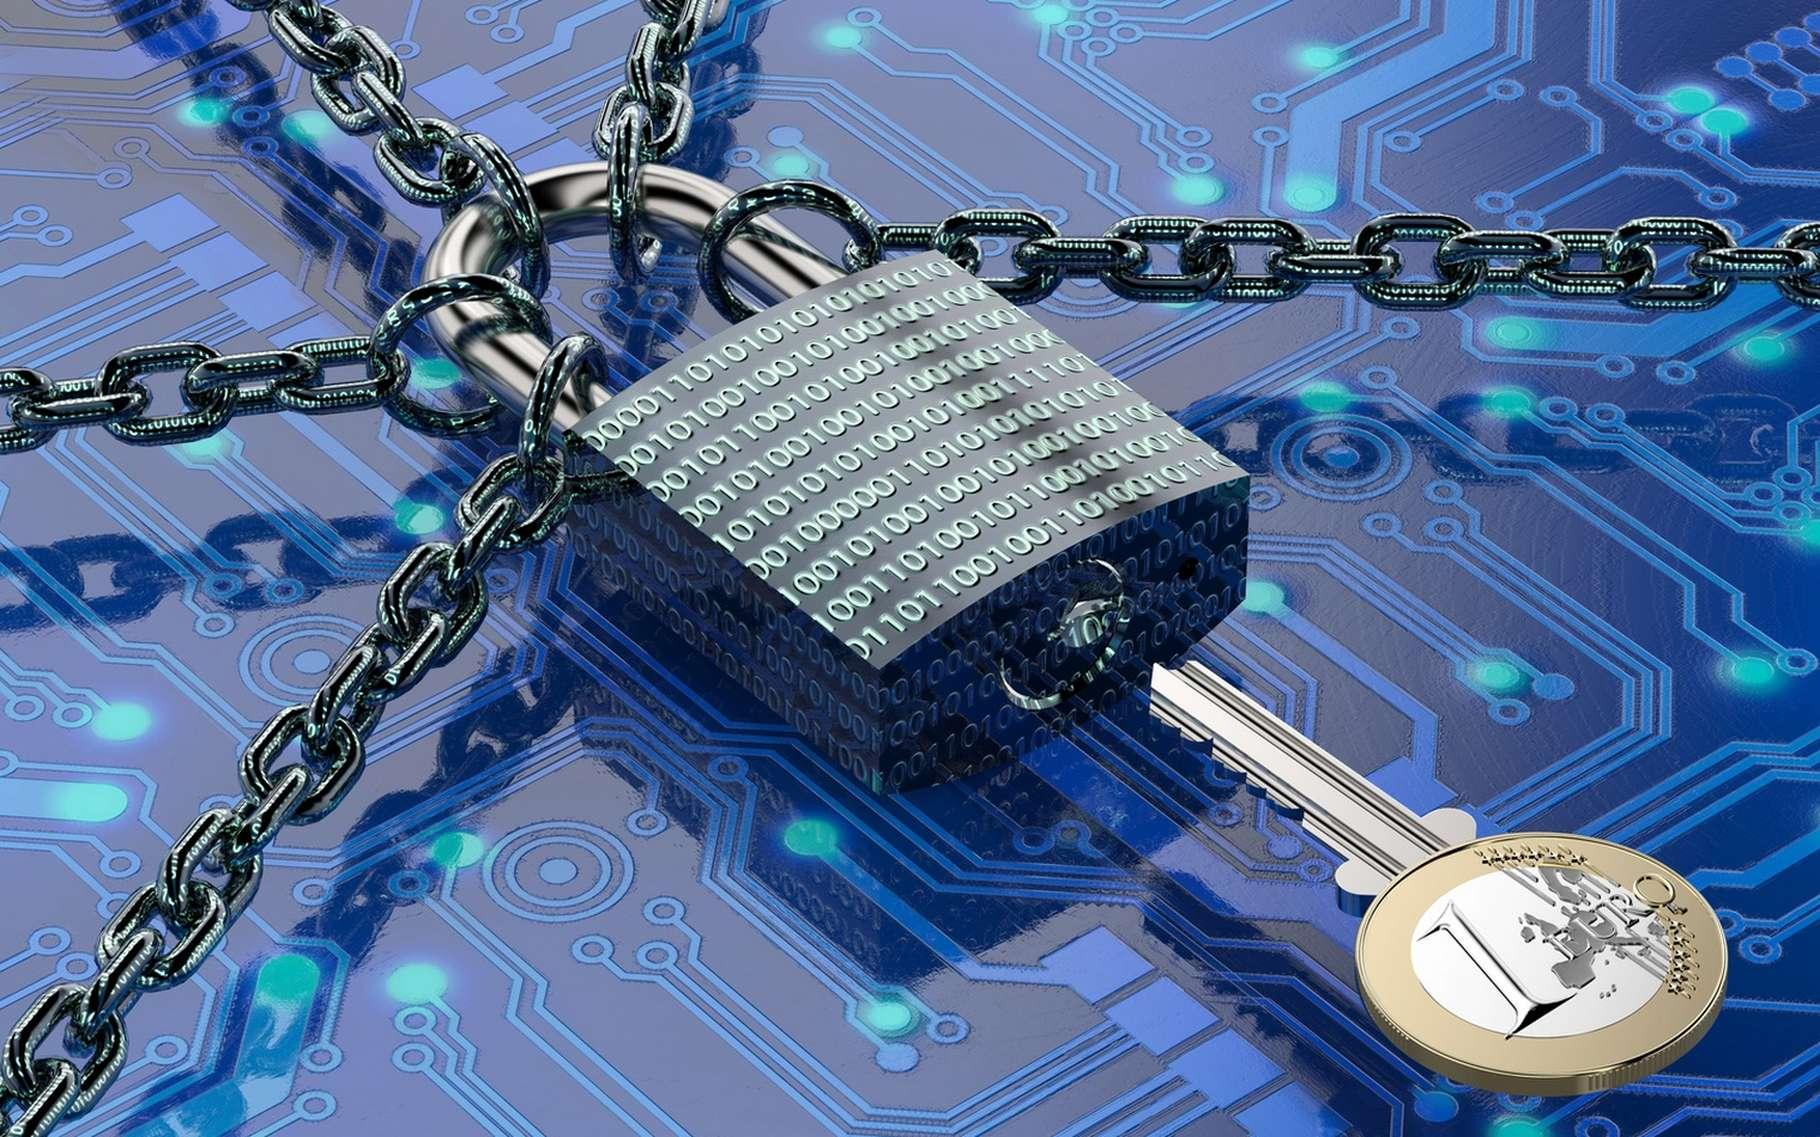 Selon certains experts de premier plan, Petya ne serait pas un rançongiciel mais un virus destiné à détruire des données. © The_lightwriter, Fotolia